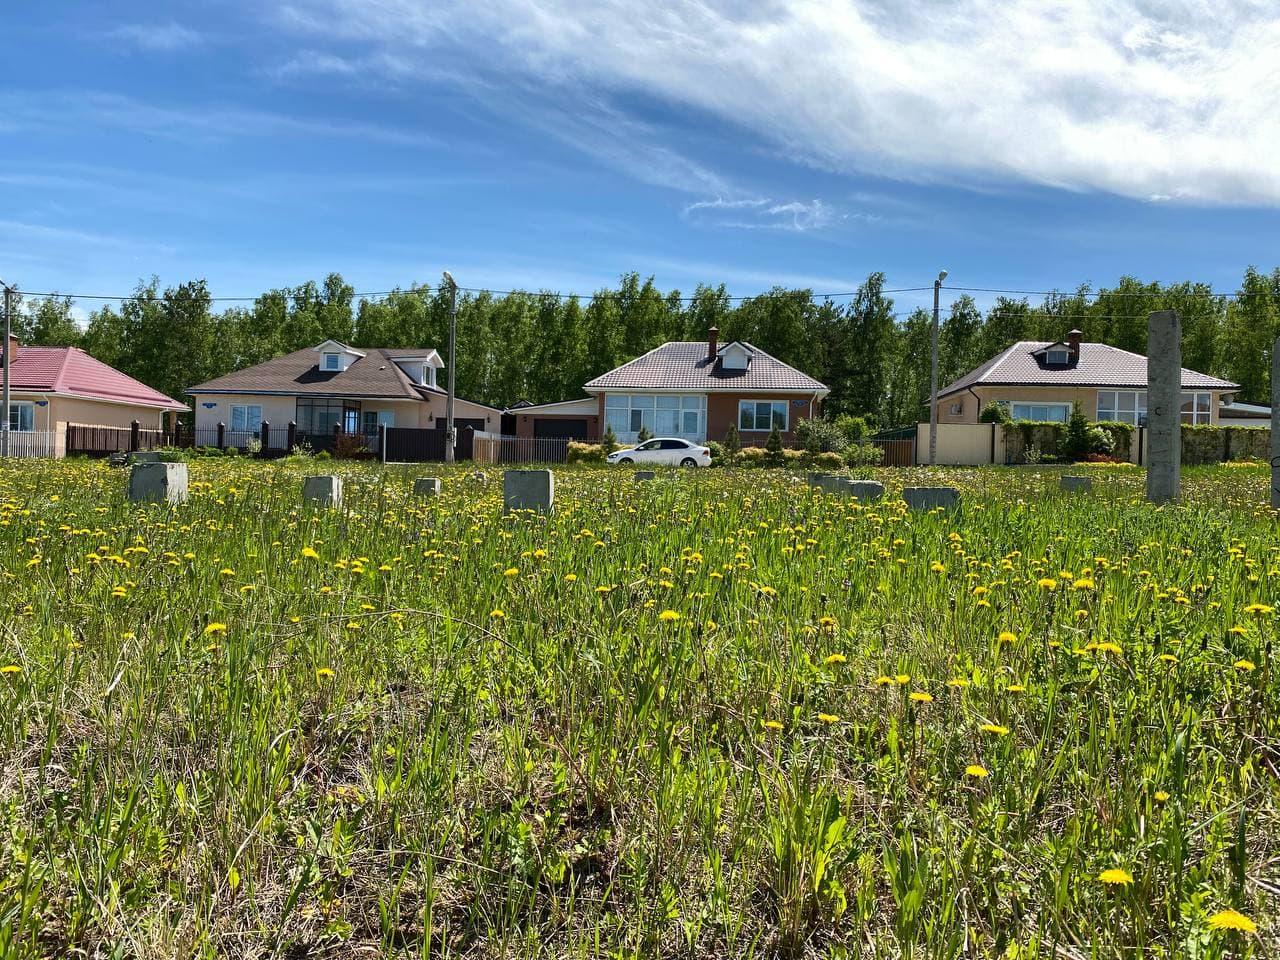 Купит участок земли в Емельяновском районе Элита